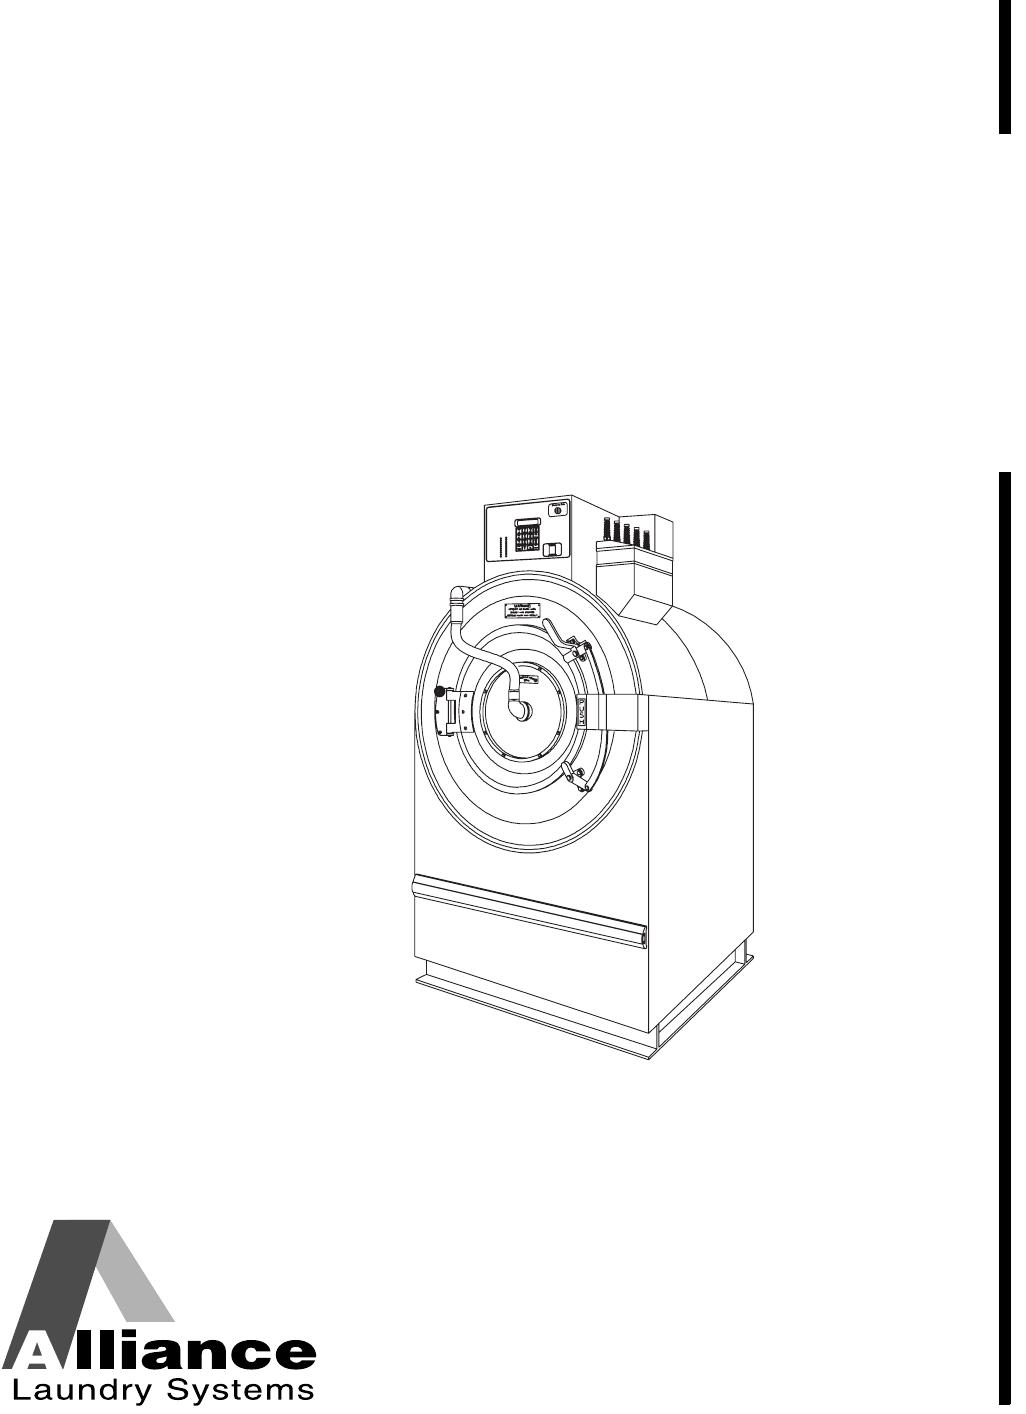 Alliance Laundry Systems Fan UW35B2 User Guide